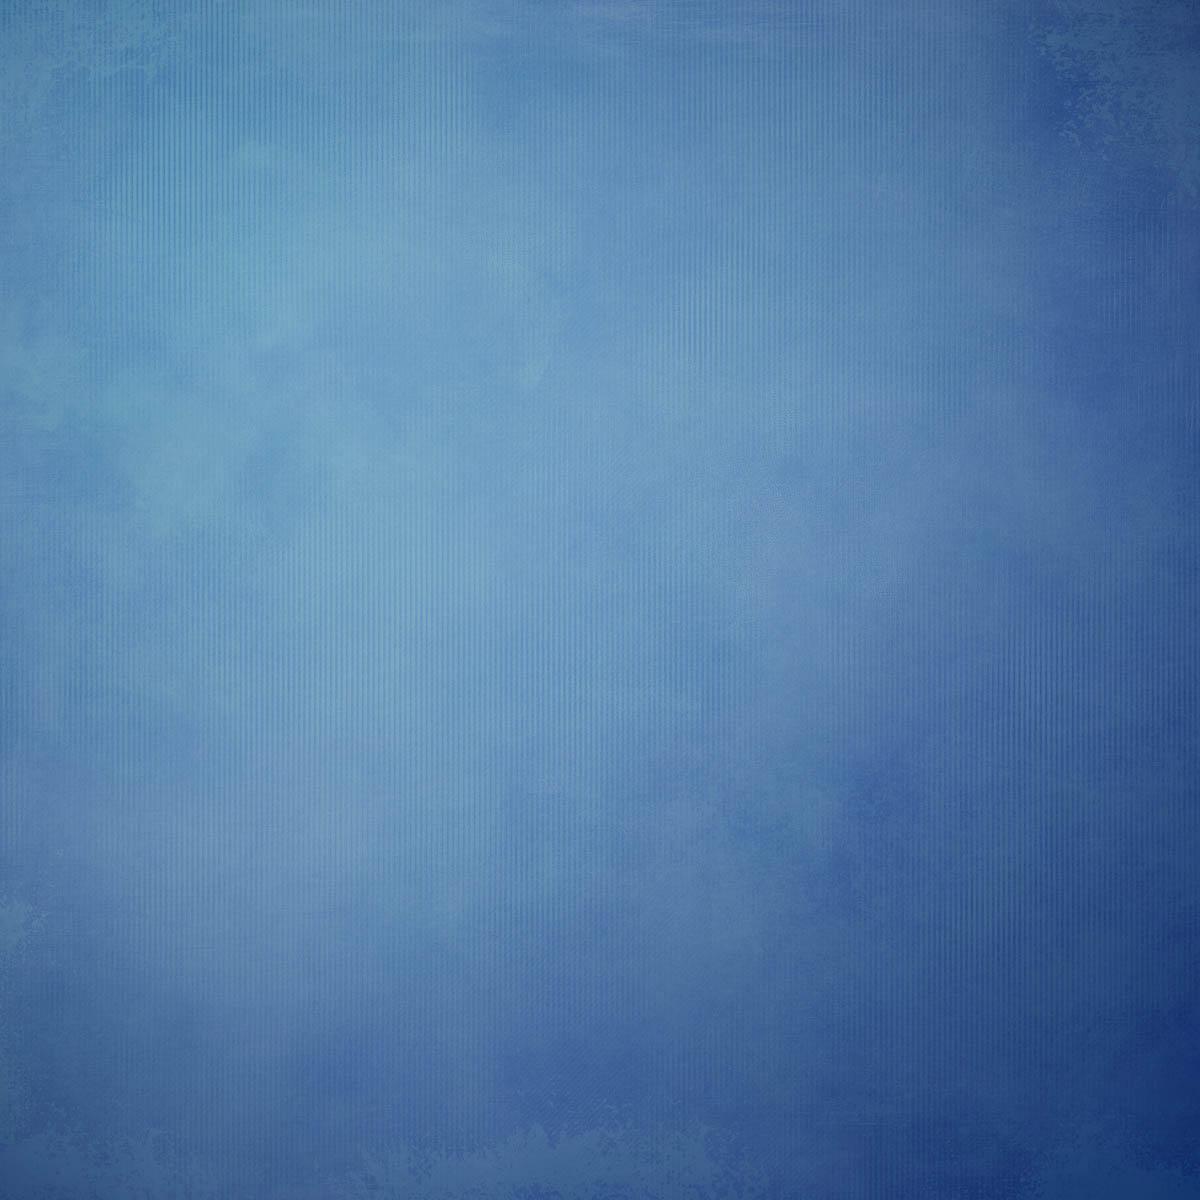 textura_azul